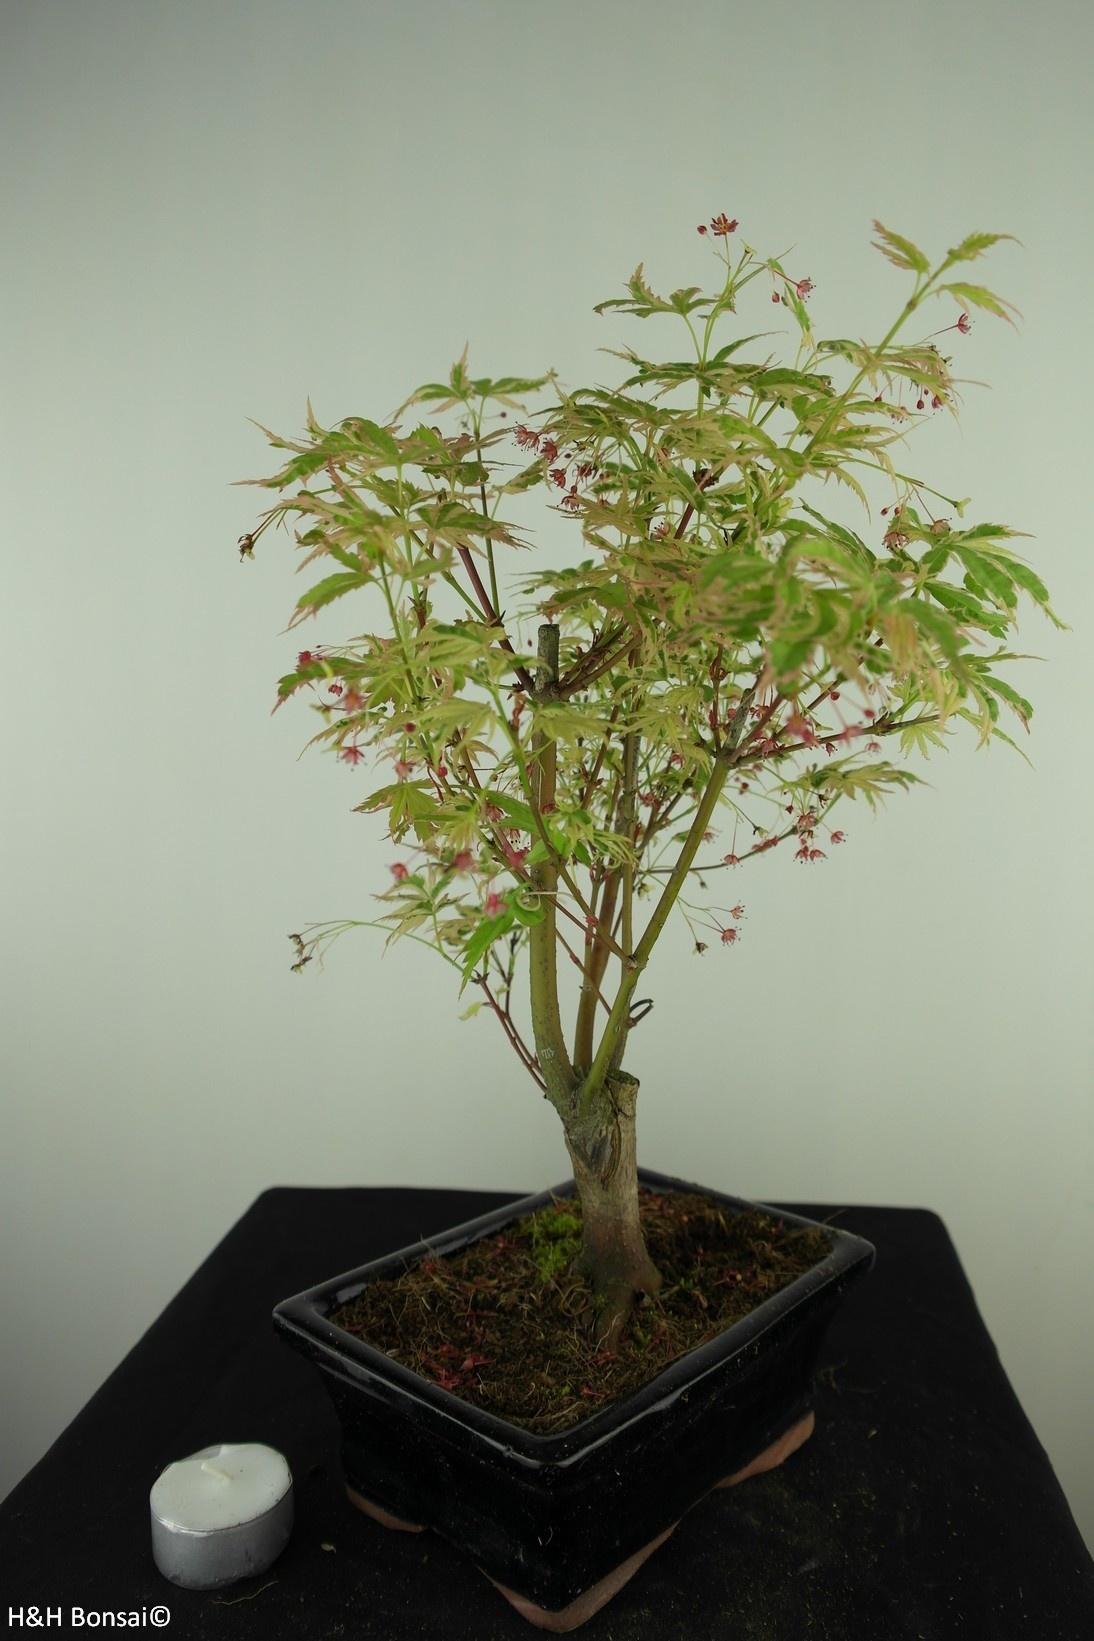 Bonsai Erable du Japon,Acer palmatumBatafurai, Butterfly, no. 7724